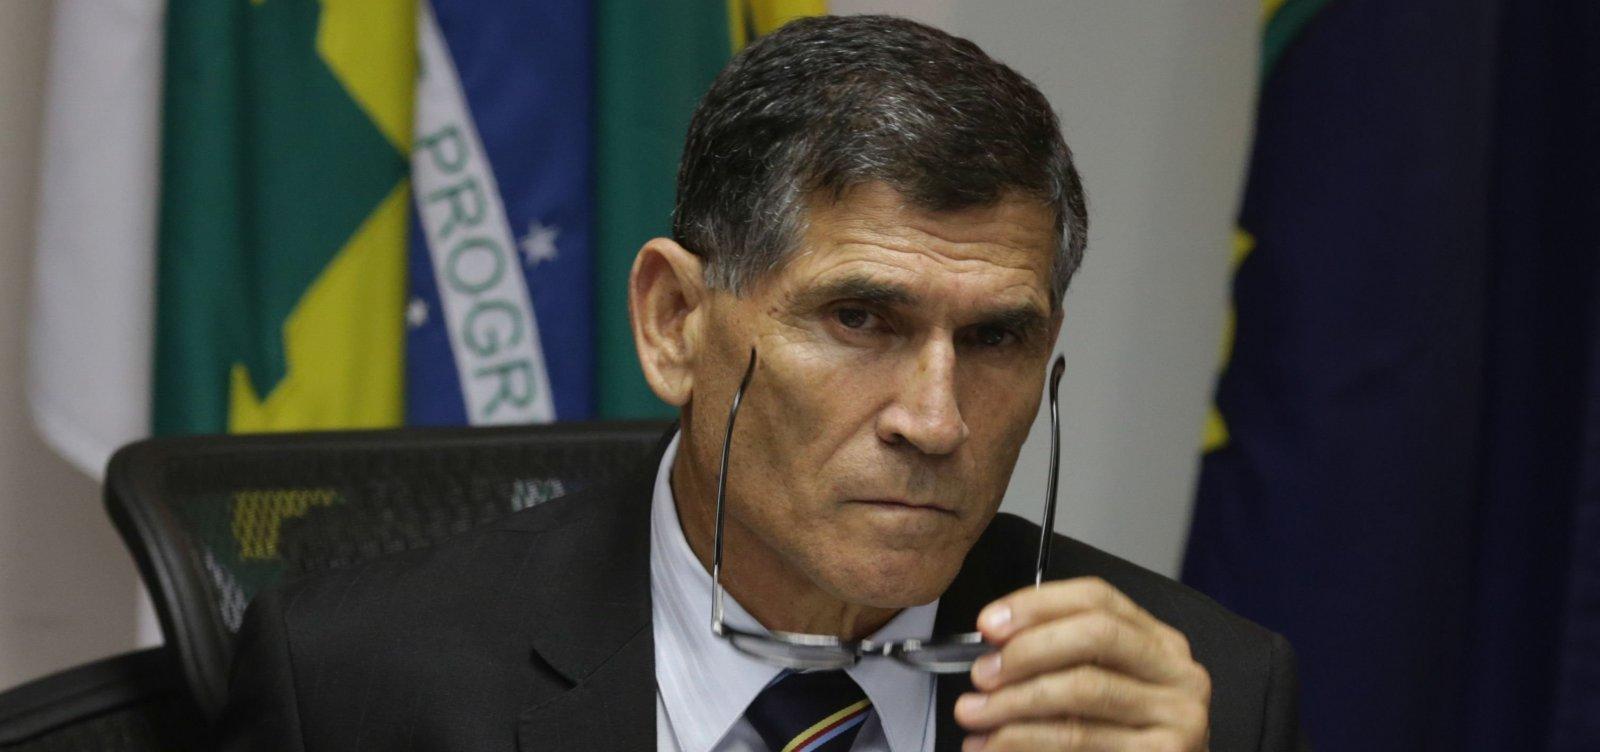 [Grupo anti-Bolsonaro do PSL quer general Santos Cruz no partido]